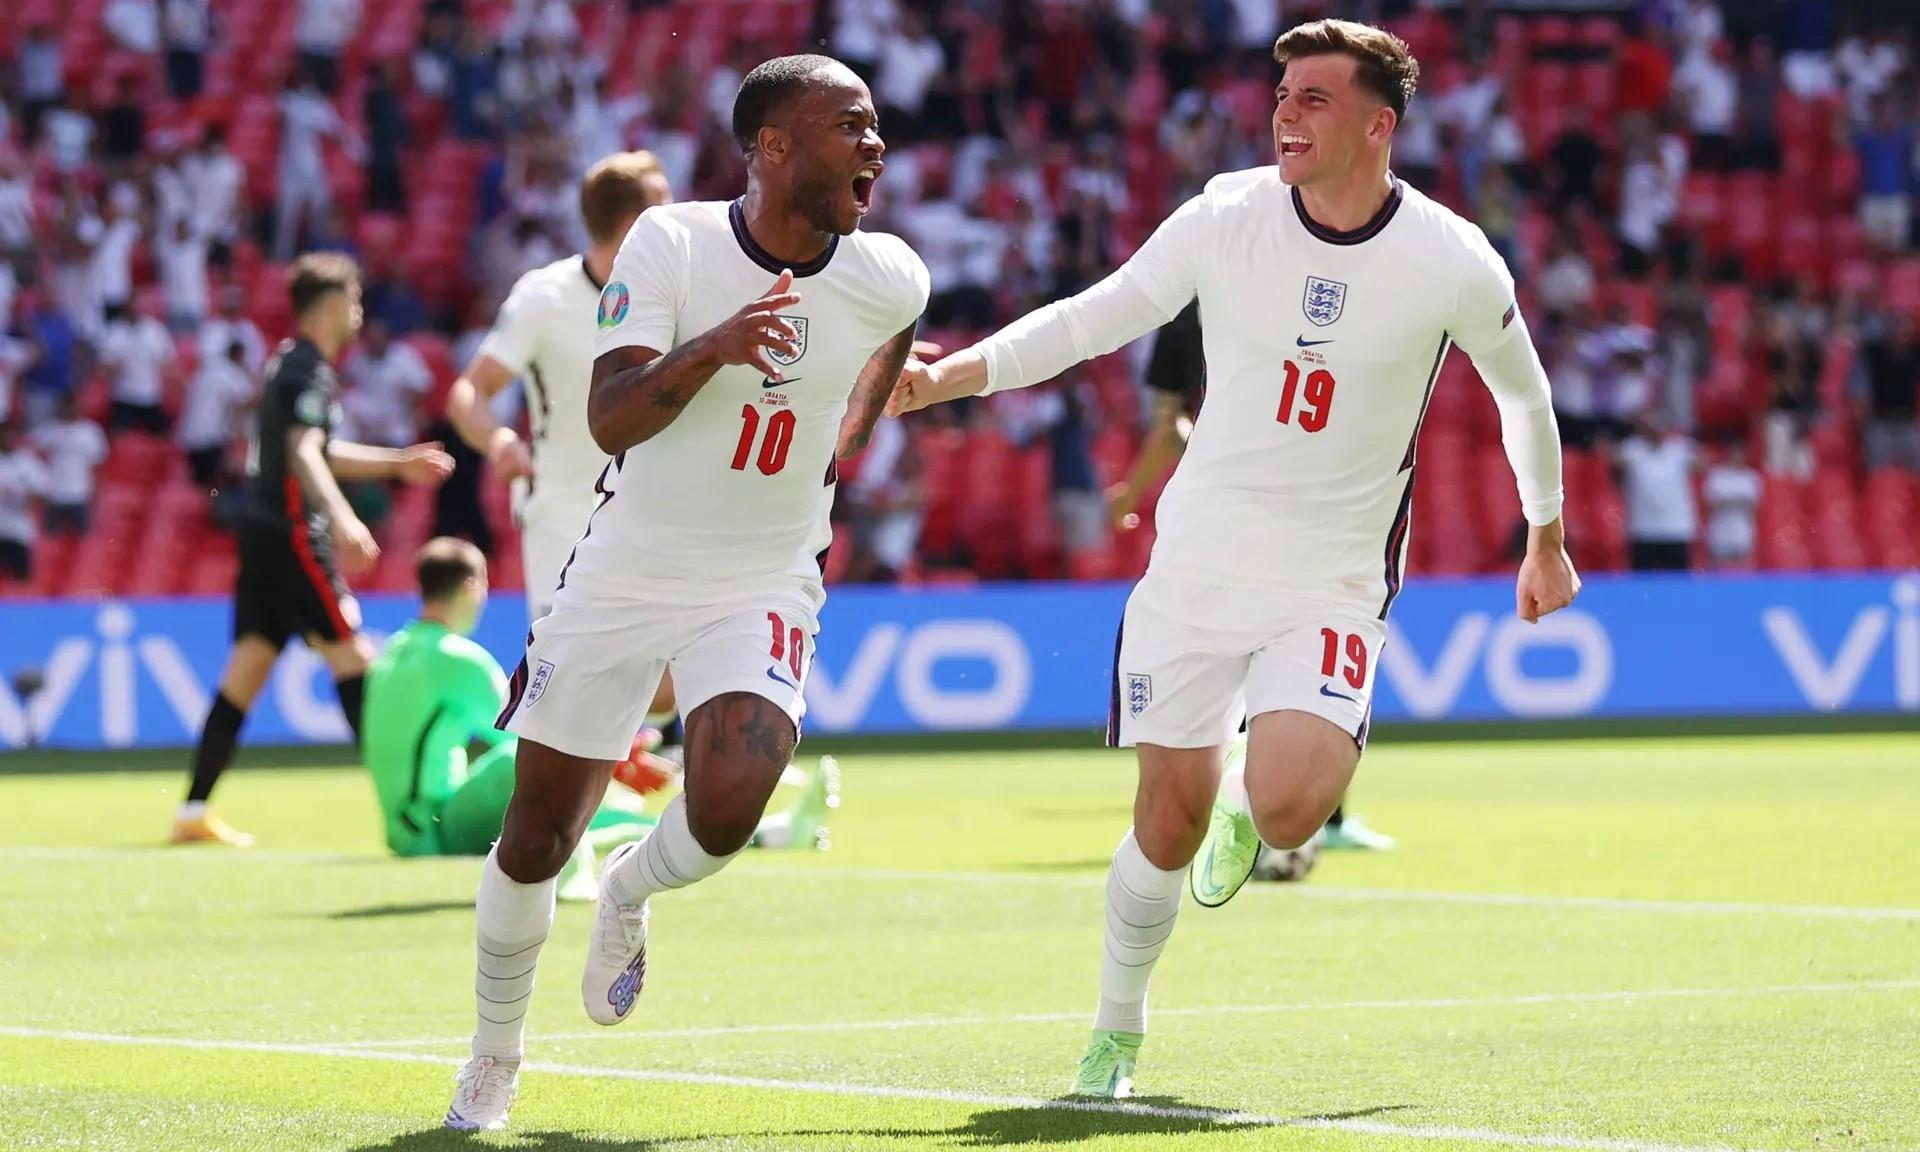 Sterling mogok setelah mencetak gol turnamen besar pertamanya untuk Inggris.  Foto: Reuters.